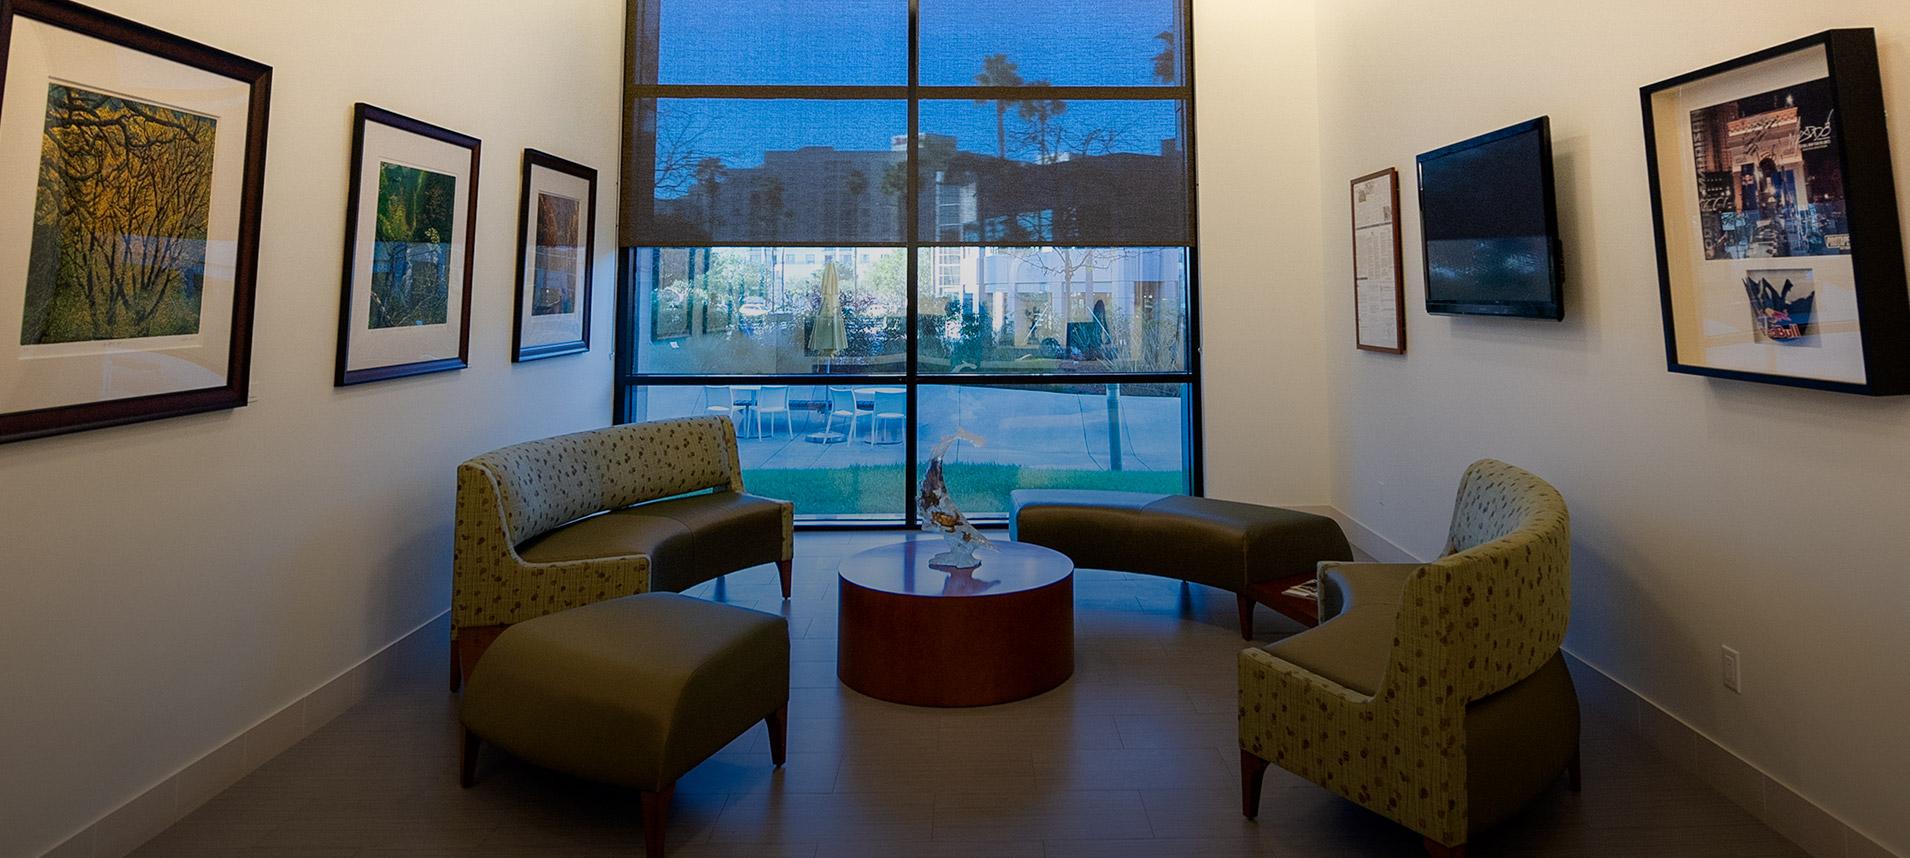 DISC Newport Beach Surgery Center